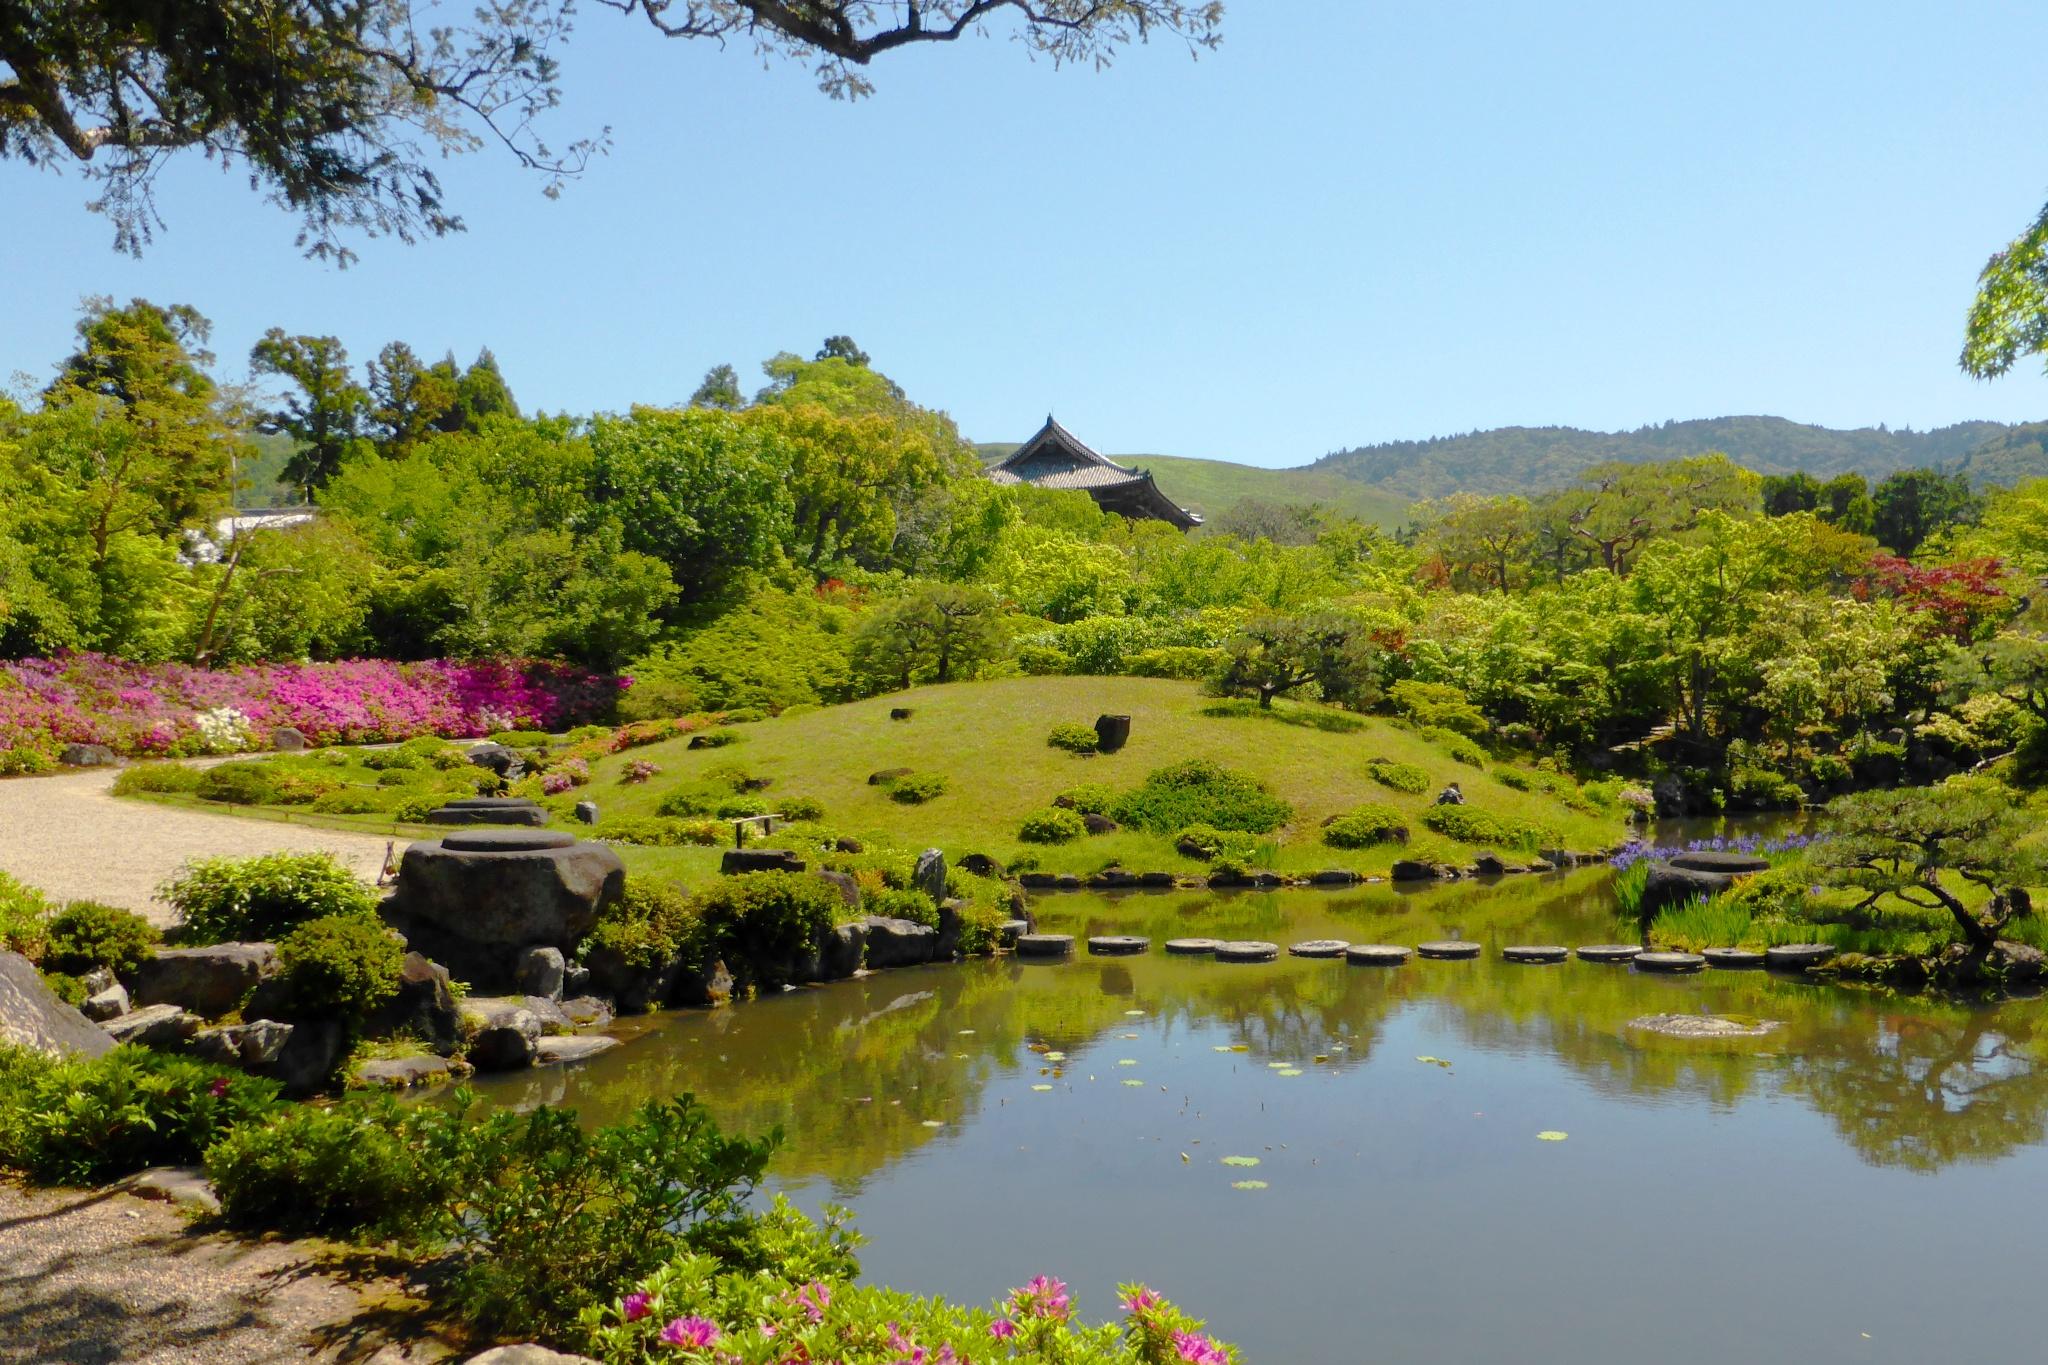 奈良市にある依水園の庭園とつつじ